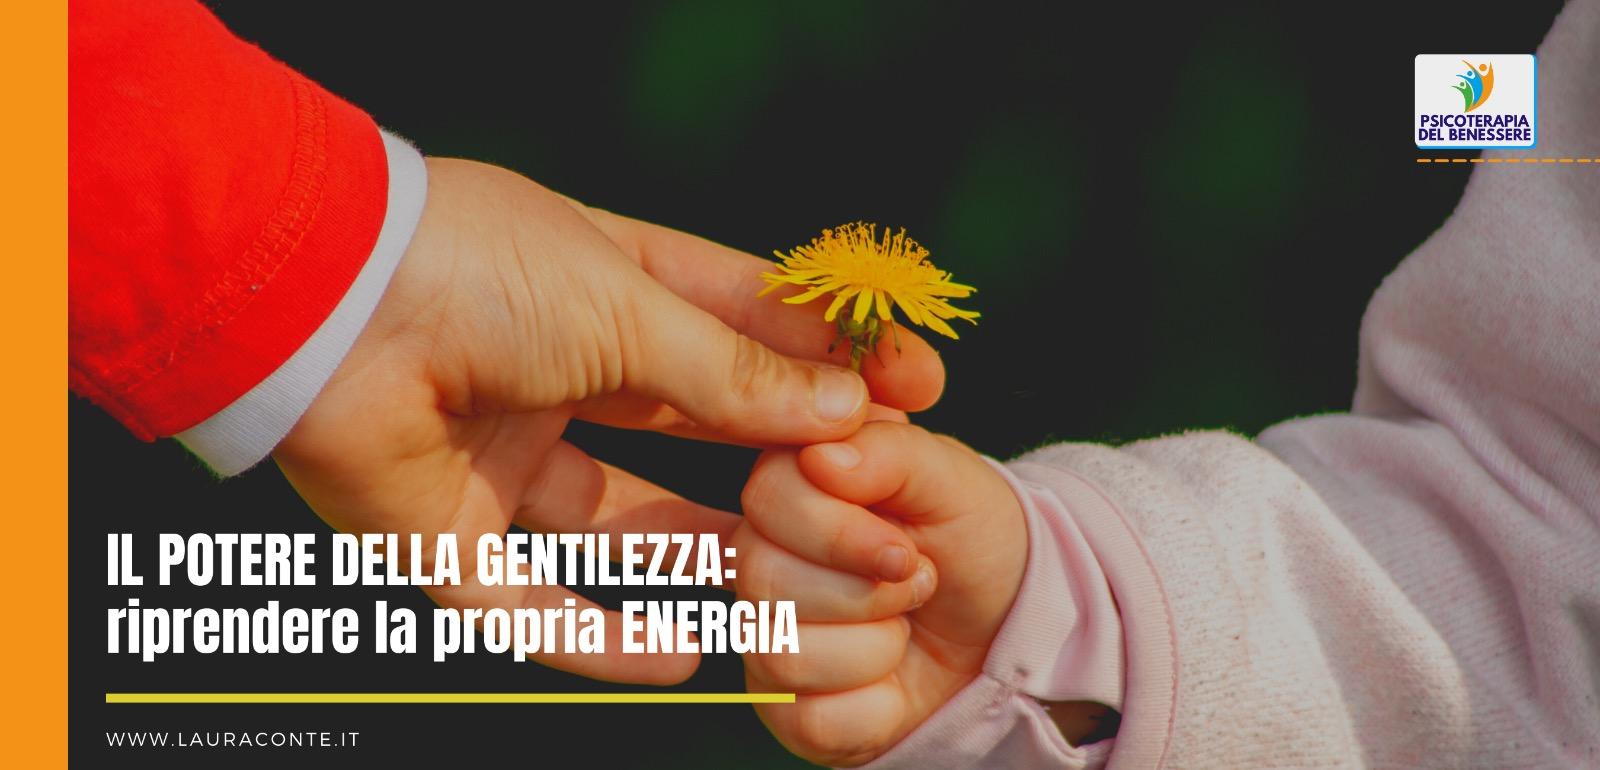 Il potere della gentilezza: riprendere la propria energia